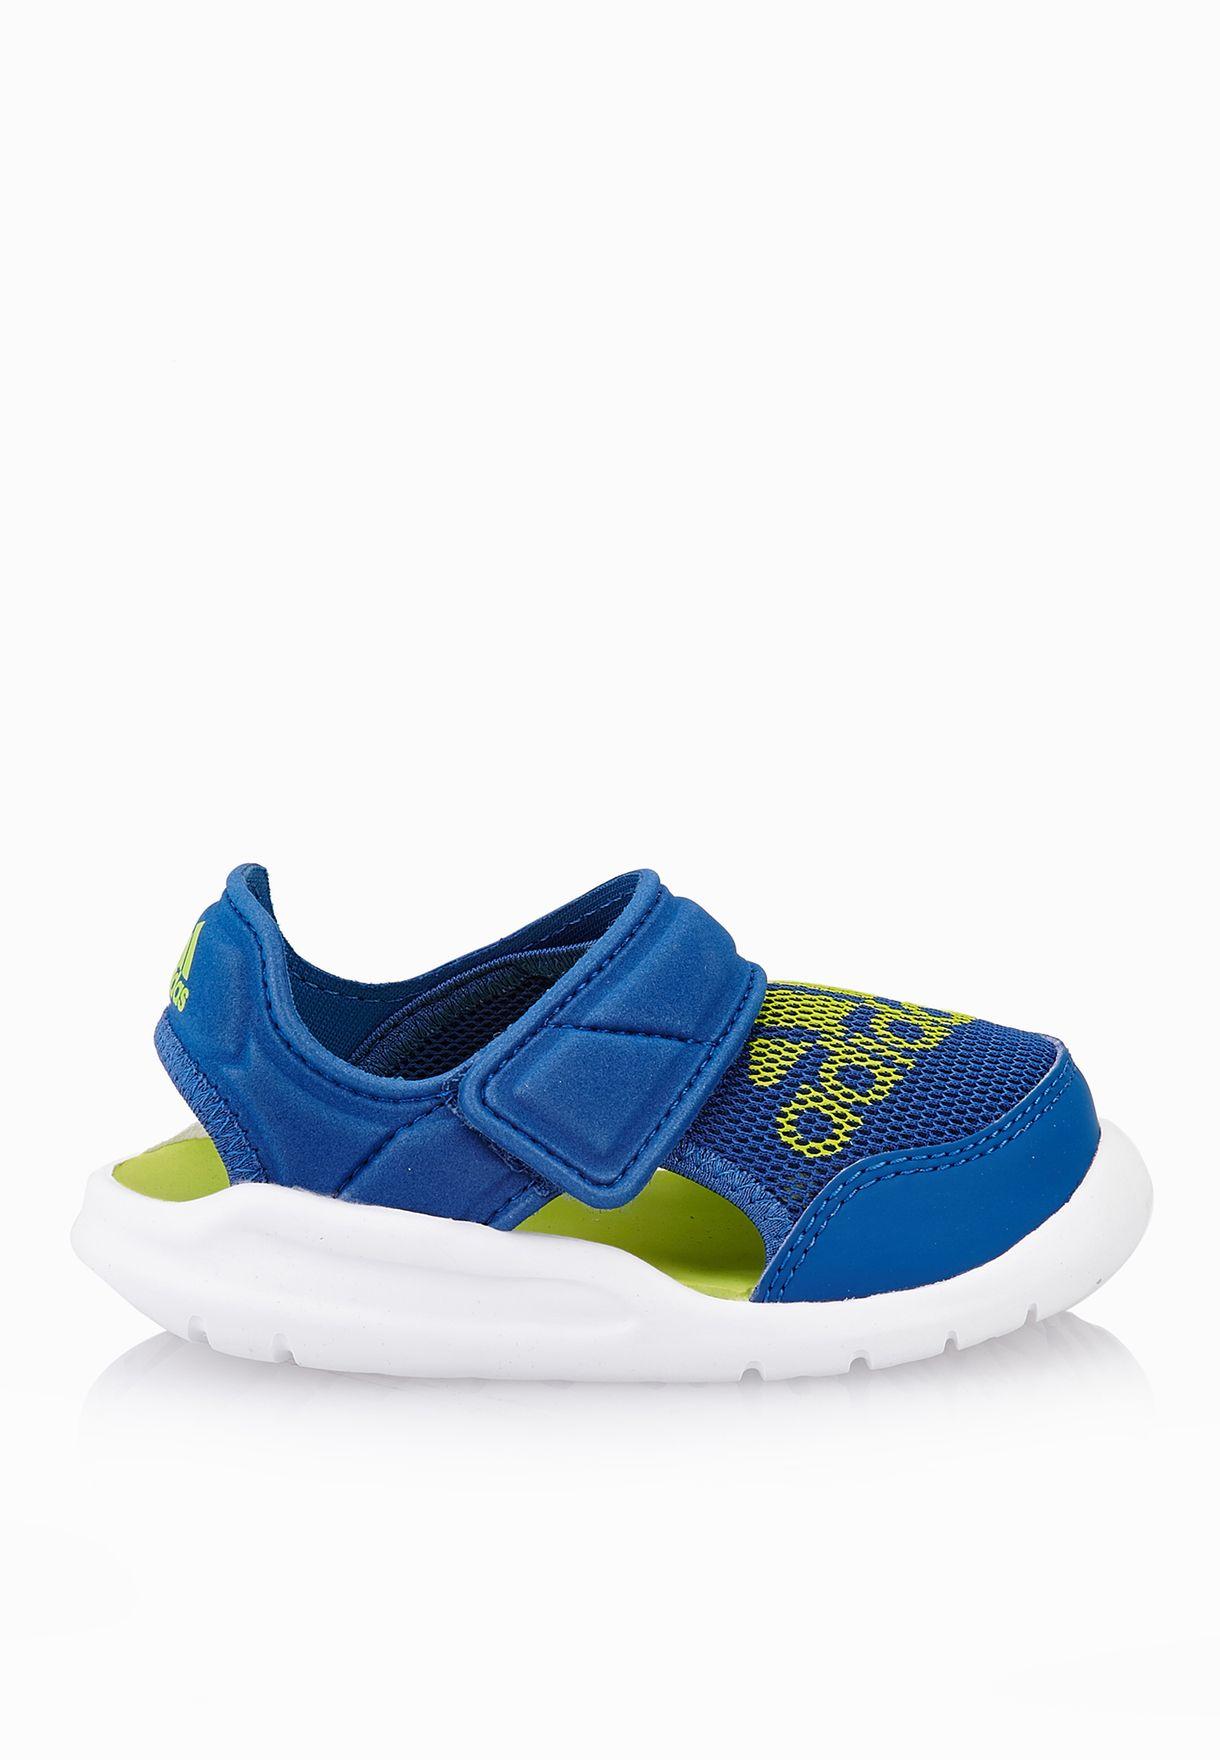 the latest c51ec 8ae44 Shop adidas blue Flexzee Infant AF3895 for Kids in Qatar - AD476SH68VMP